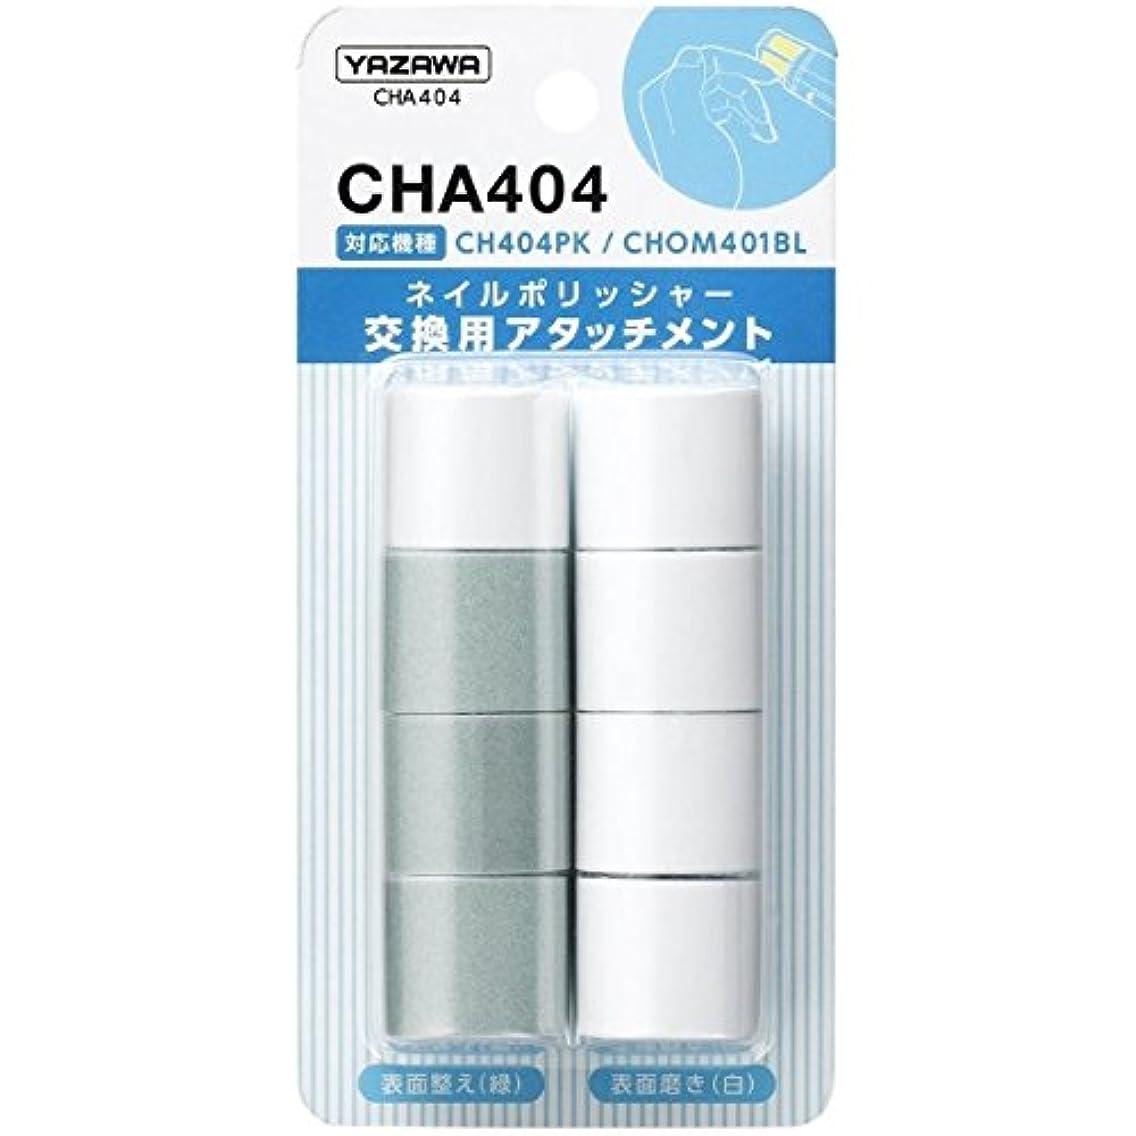 隣接する解決横YAZAWA(ヤザワコーポレーション) ネイルポリッシャー交換用アタッチメント CHA404